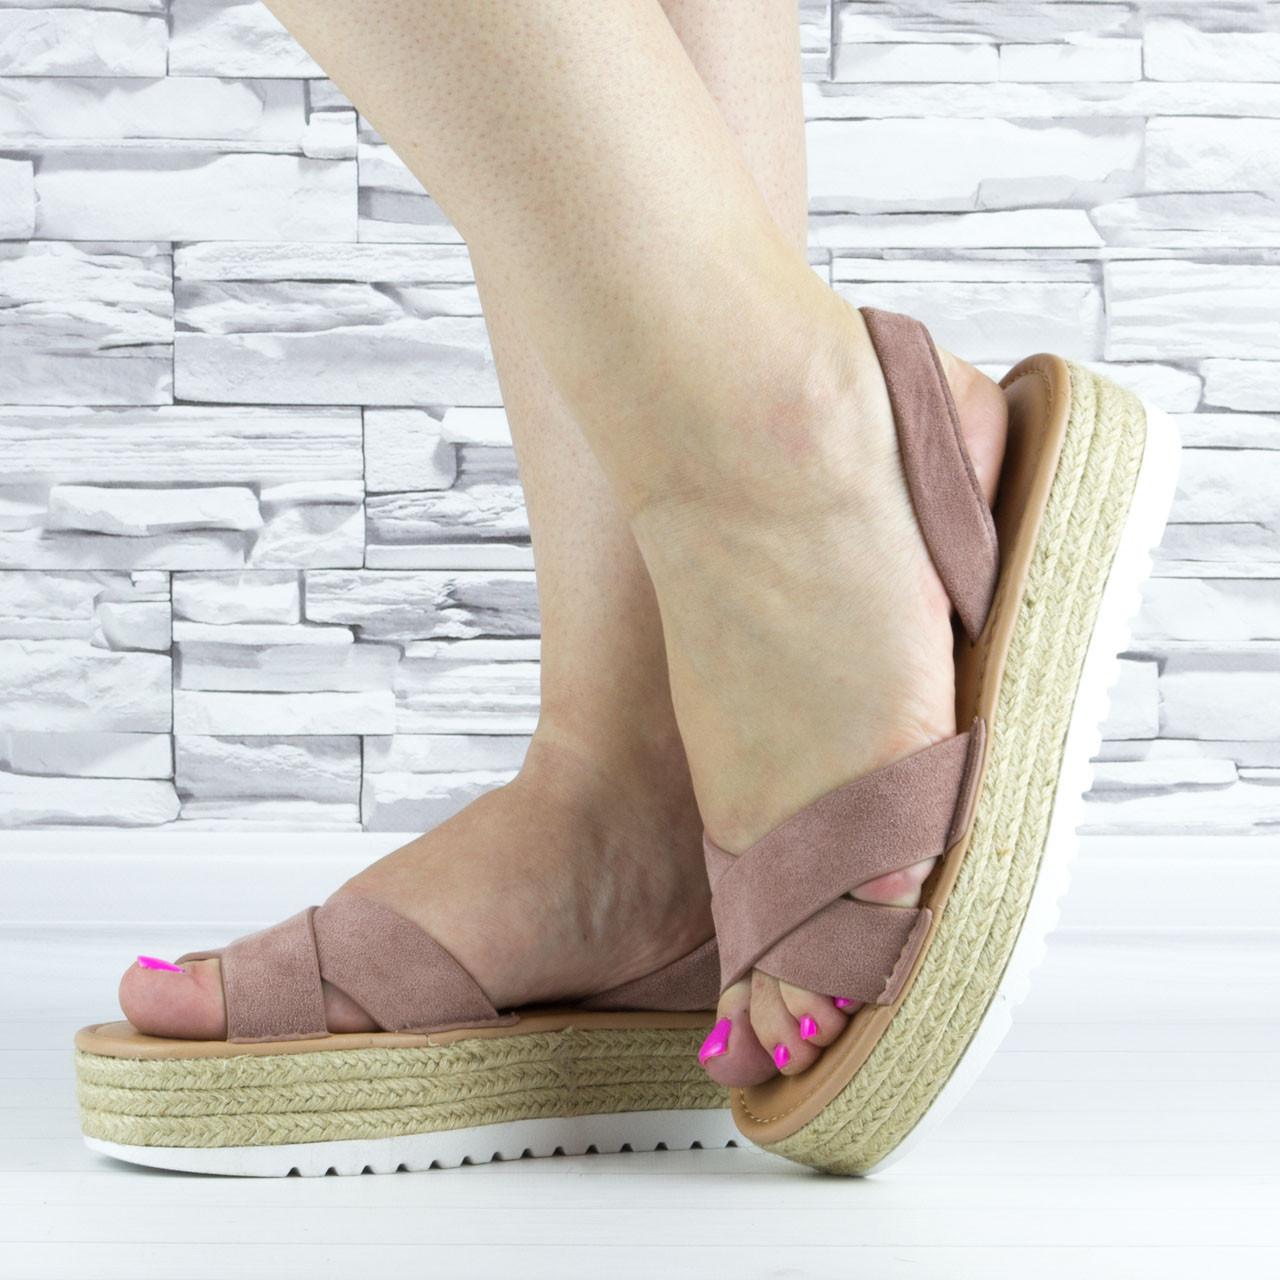 Босоніжки жіночі пудрові еко замша з відкритою п'ятою і відкритим носком (b-508)